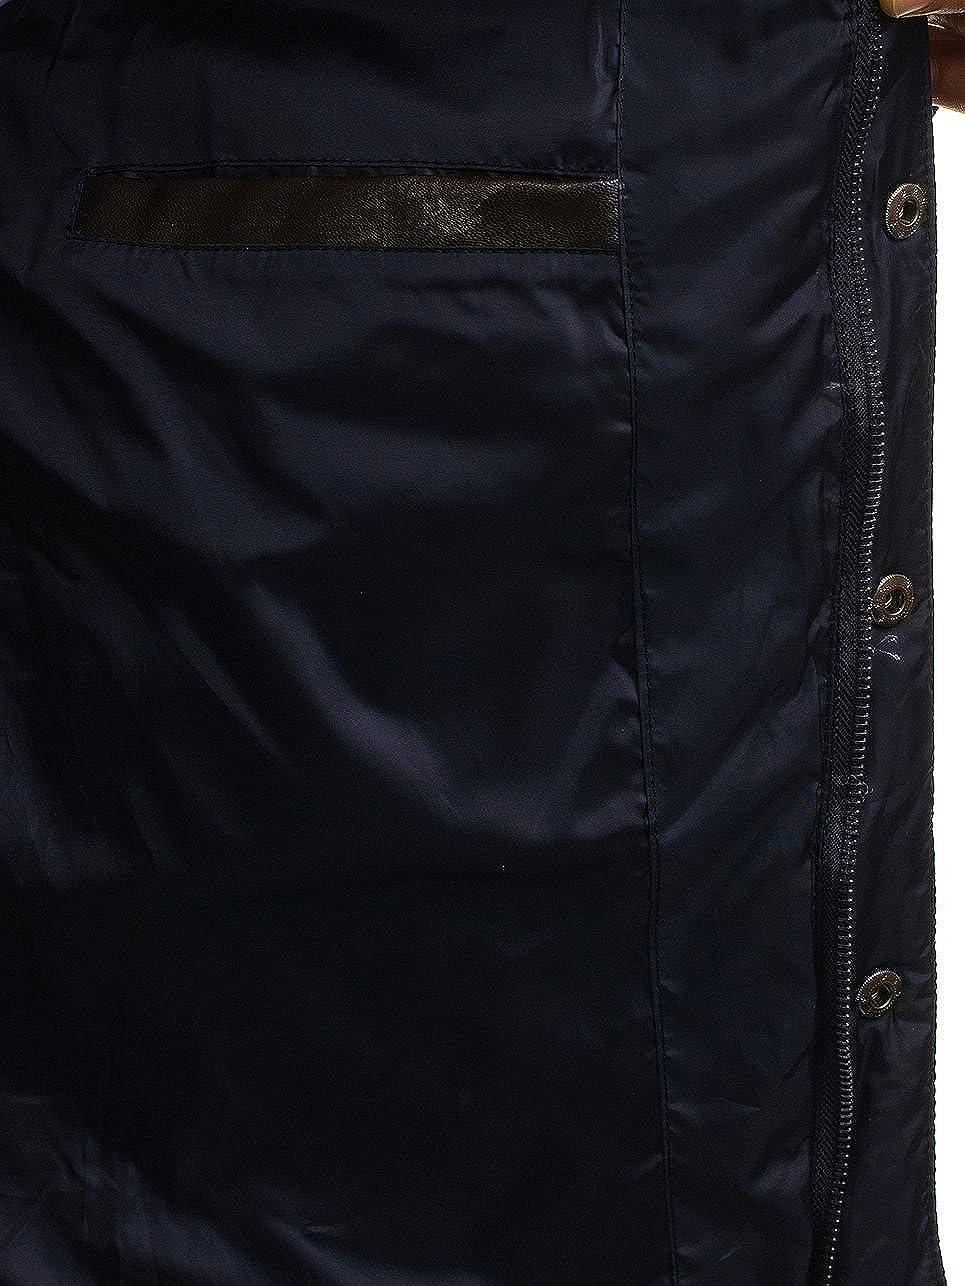 004 Elegante Oscuro Ppm Amazon Azul Bolf Entretiempo Chaqueta 4d4 Ropa Y Accesorios es L Hombre De Iq8Apx